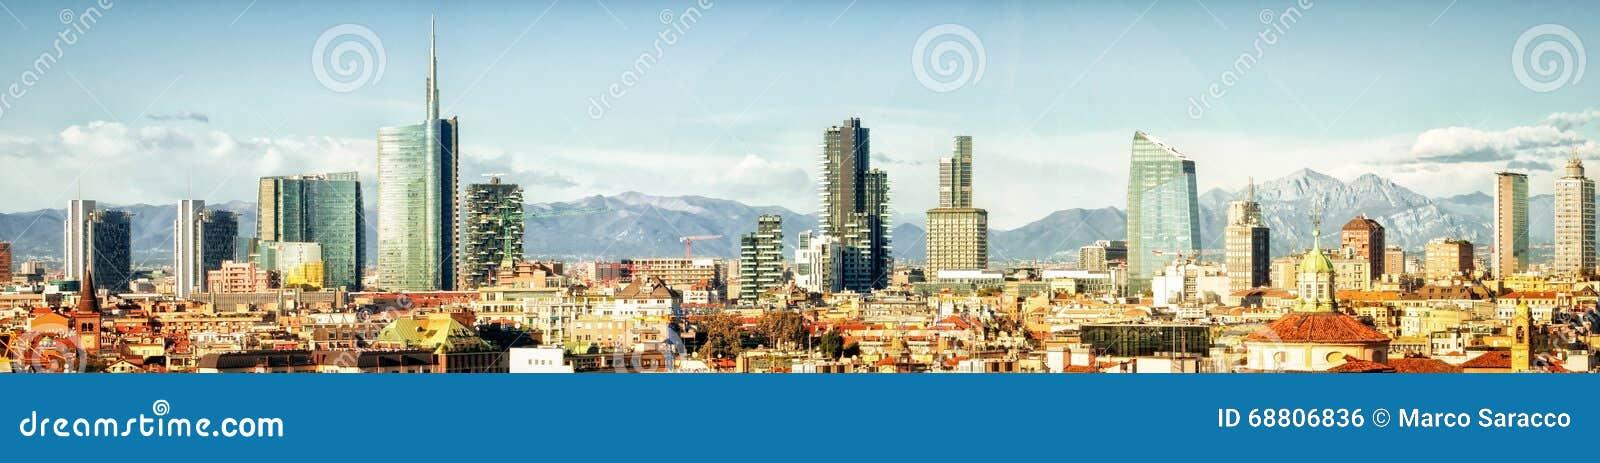 Μιλάνο (Ιταλία), πανοραμικό κολάζ οριζόντων